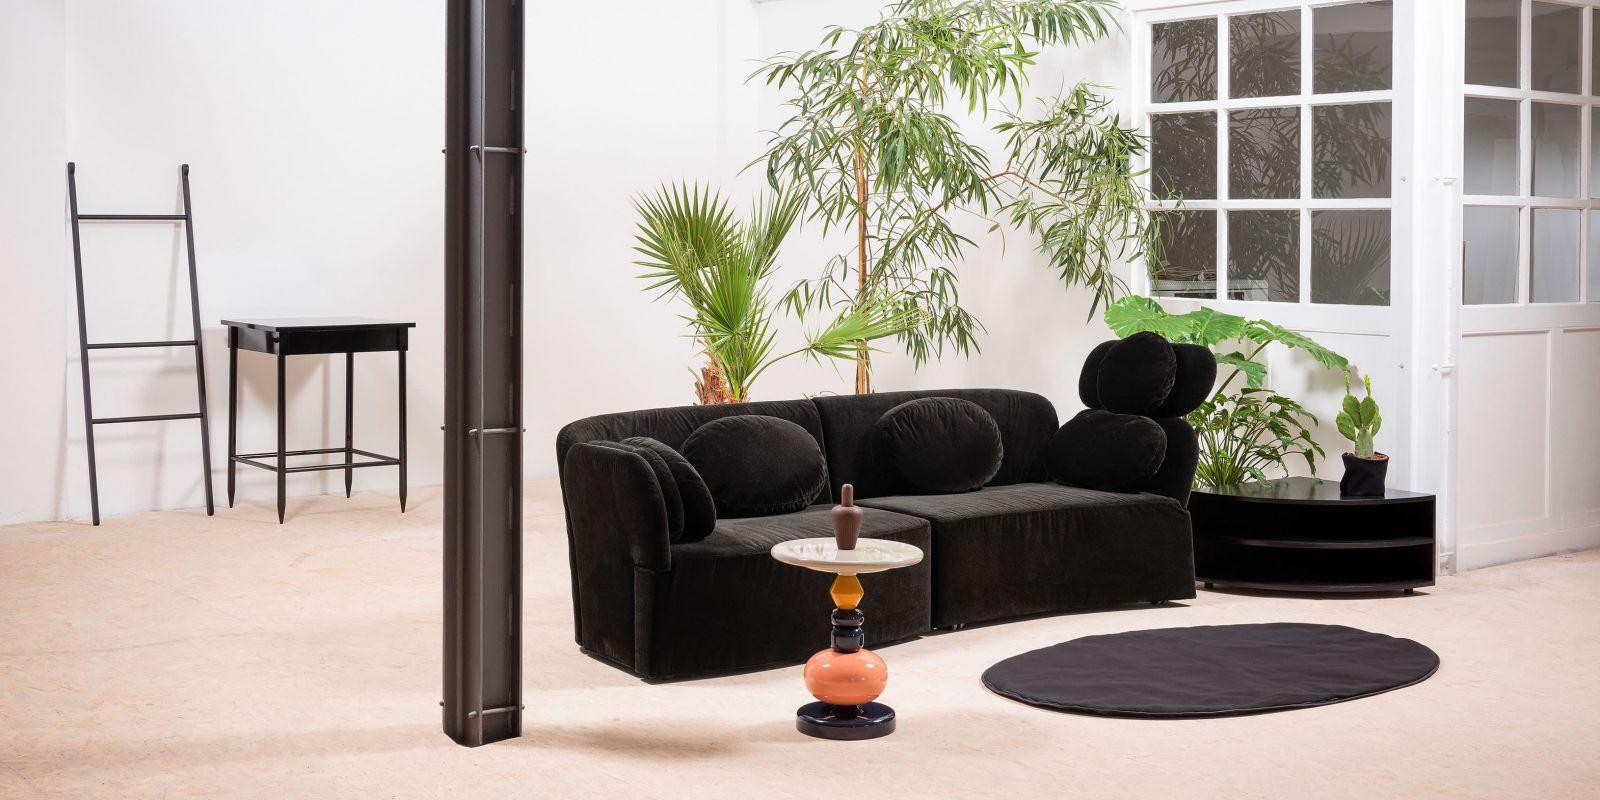 Schweizer Magazin Für Bauen Wohnen Haus Und Garten Raum Und Wohnen